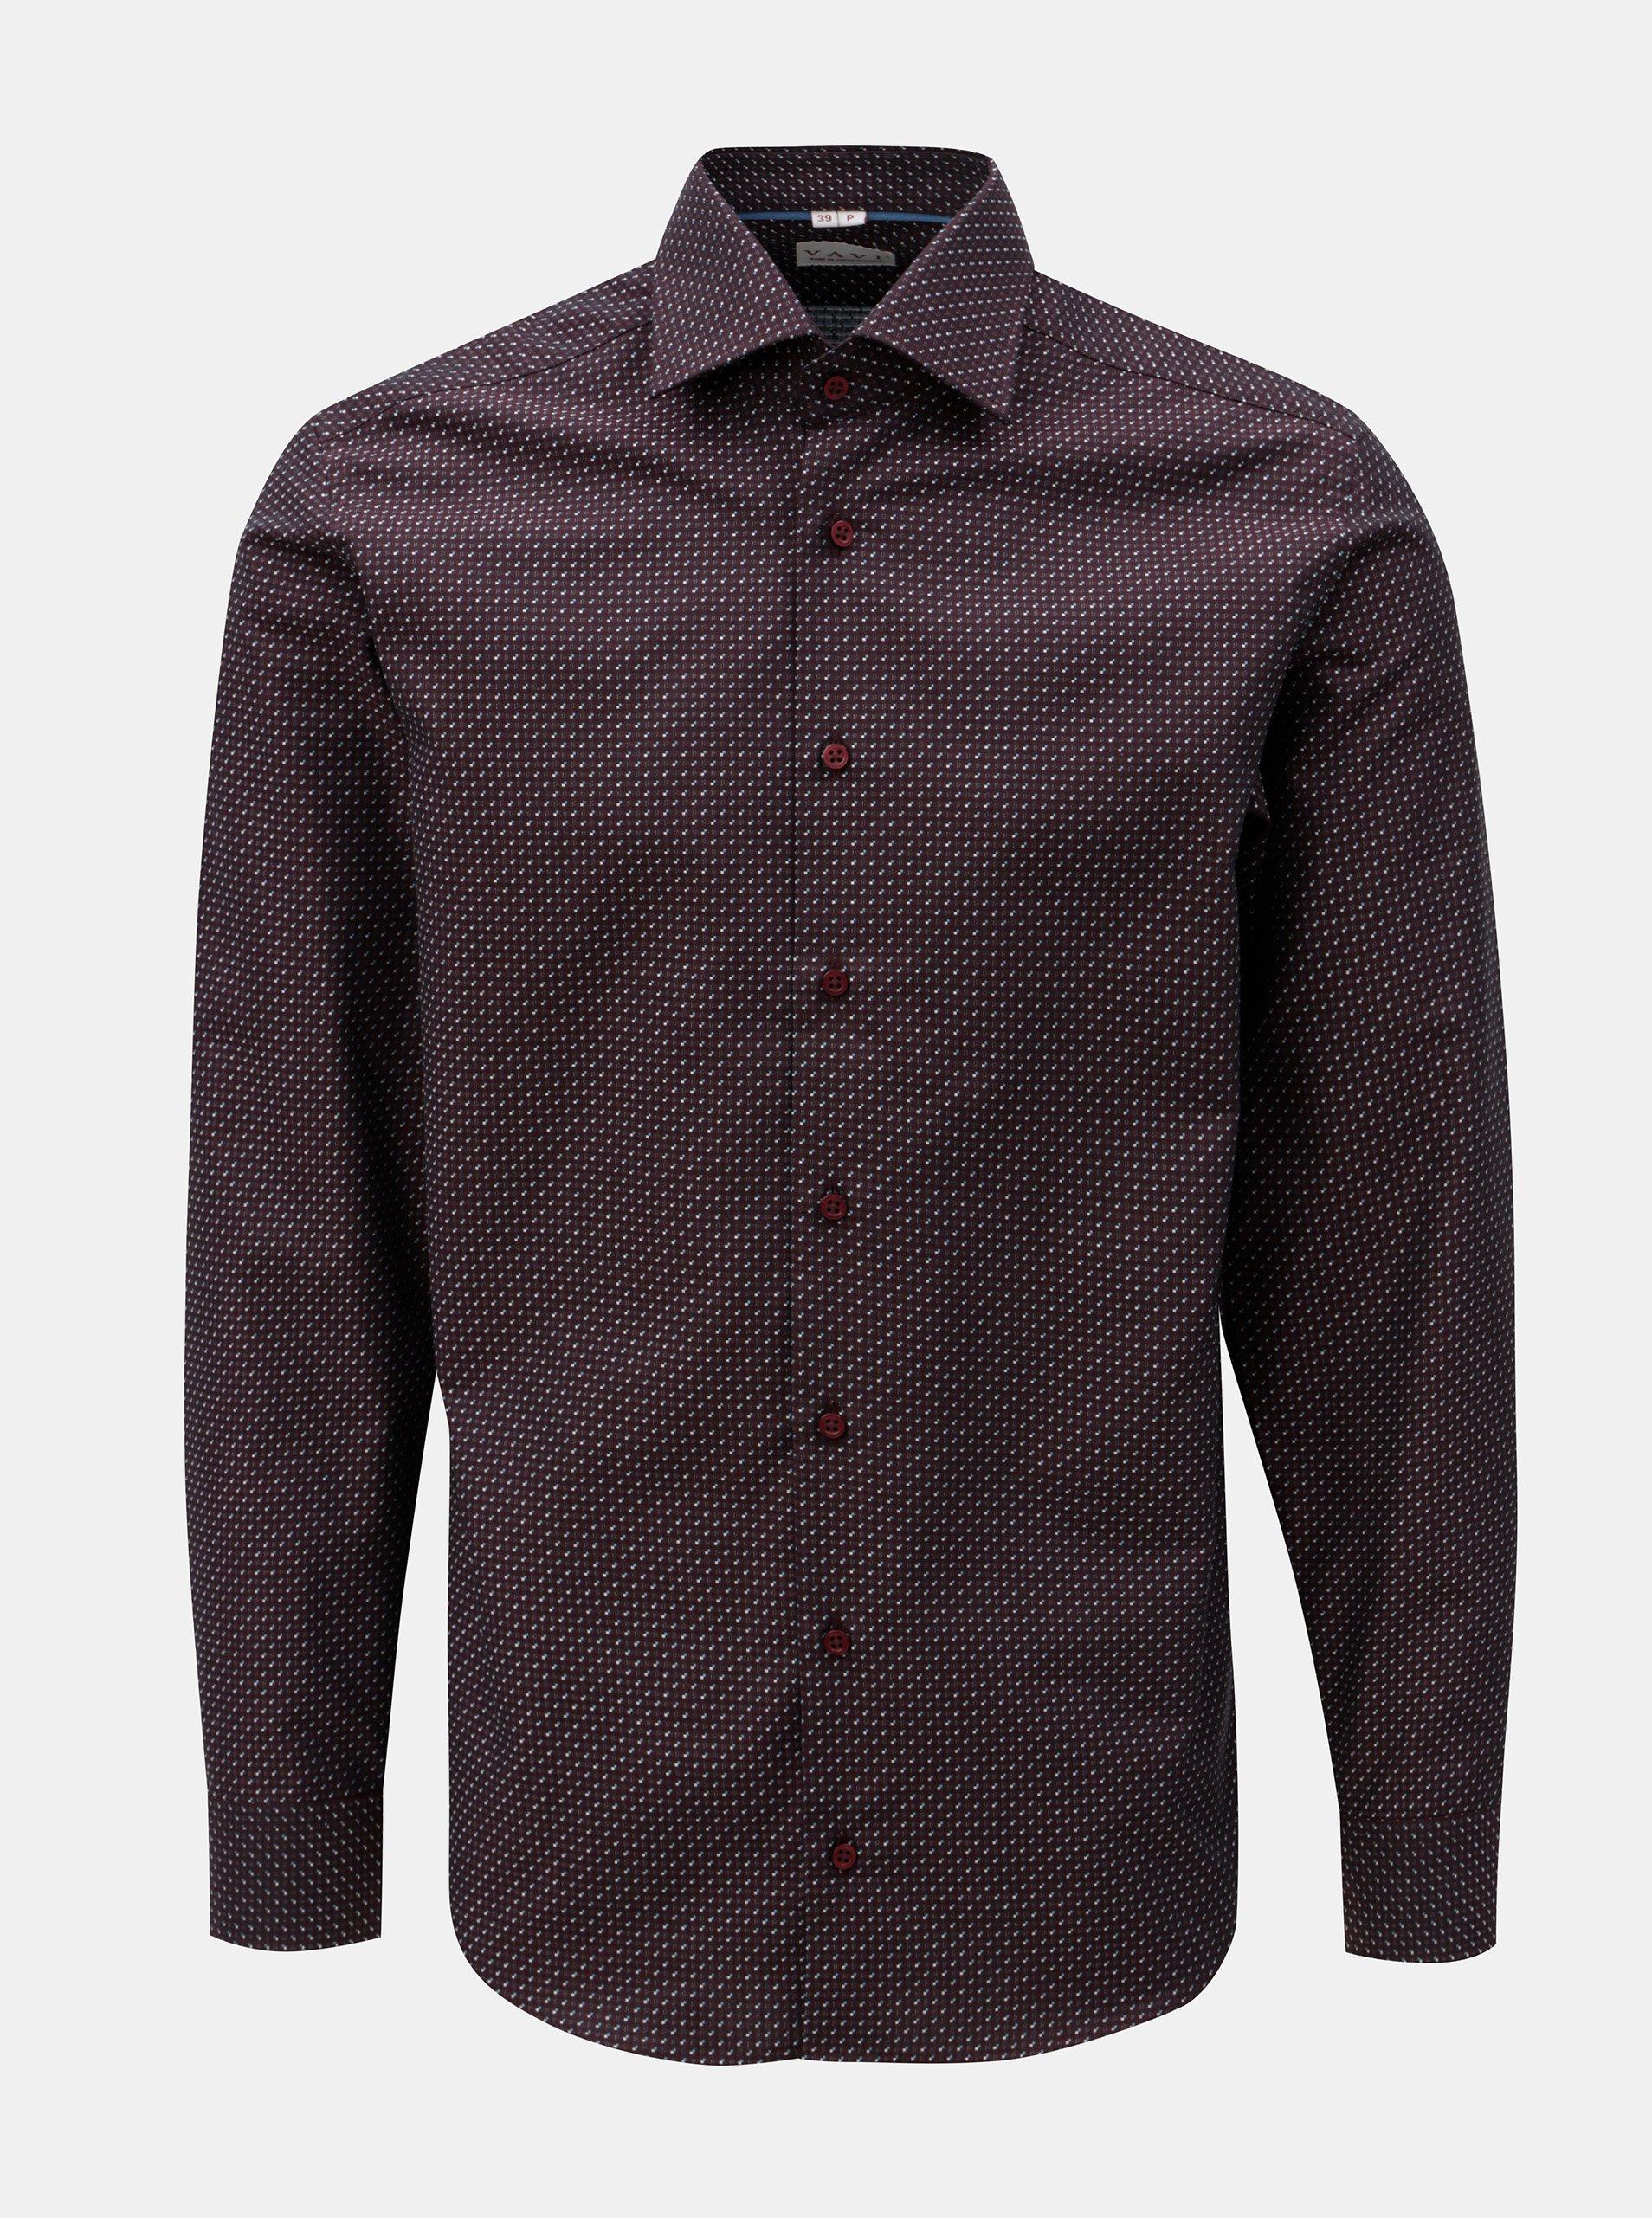 97df401a945 Vínová pánská vzorovaná formální košile VAVI